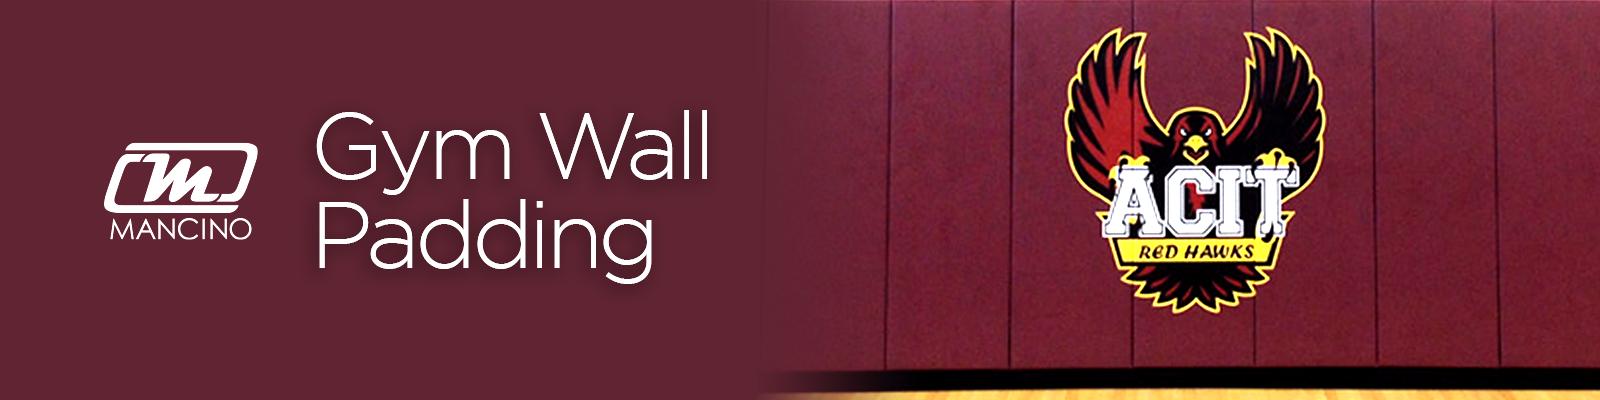 Wall Padding Banner